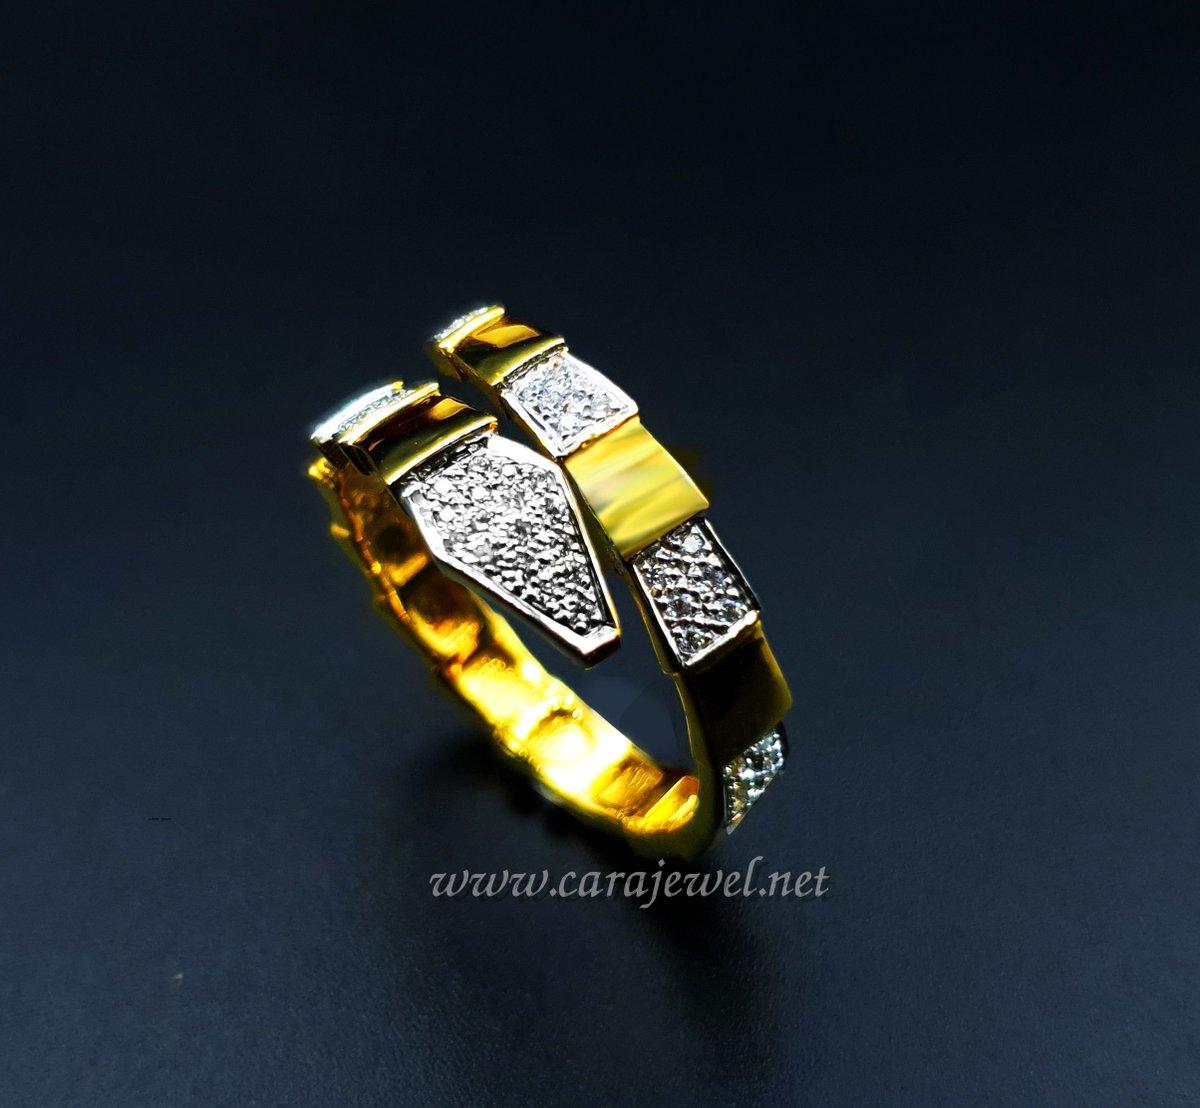 ใครชอบงูบ้าง??😀  #แหวนงู #แหวนคาเทีย #หแวนงูกินหาง #แหวนเพชร